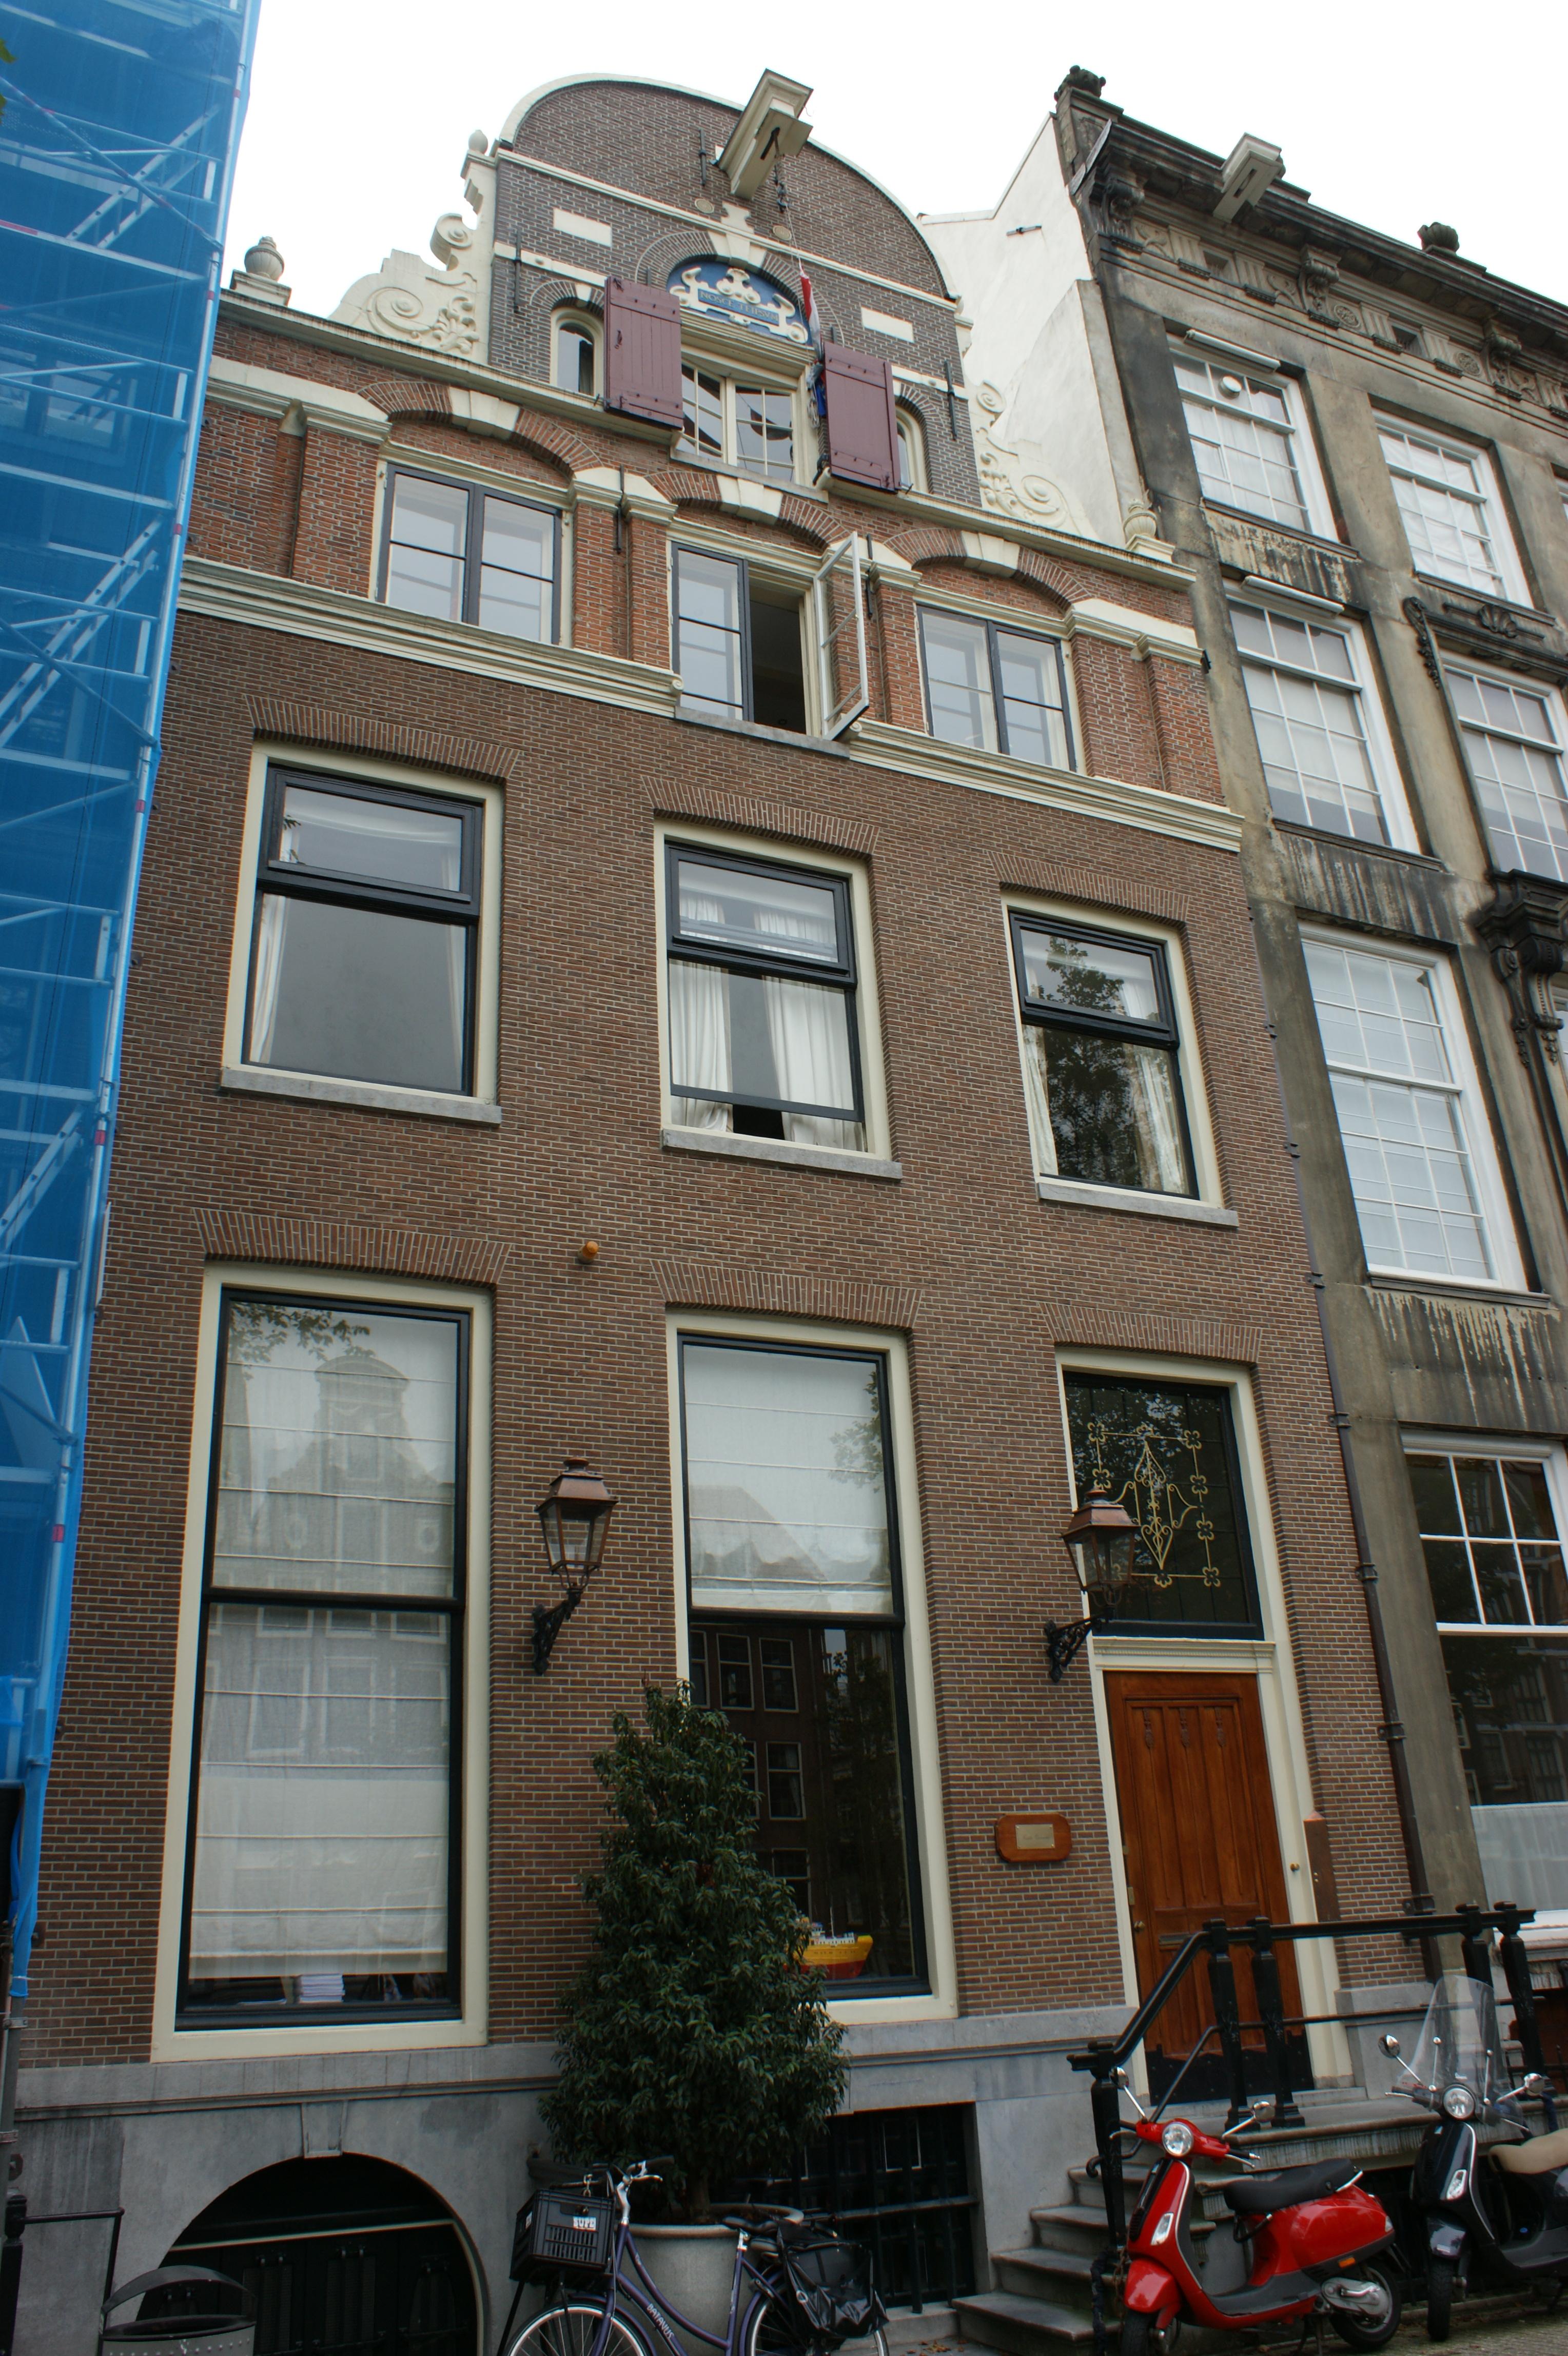 Huis van welks gevel met versiering in de trant met grote boogblokken in amsterdam monument - Provencaalse huis gevel ...